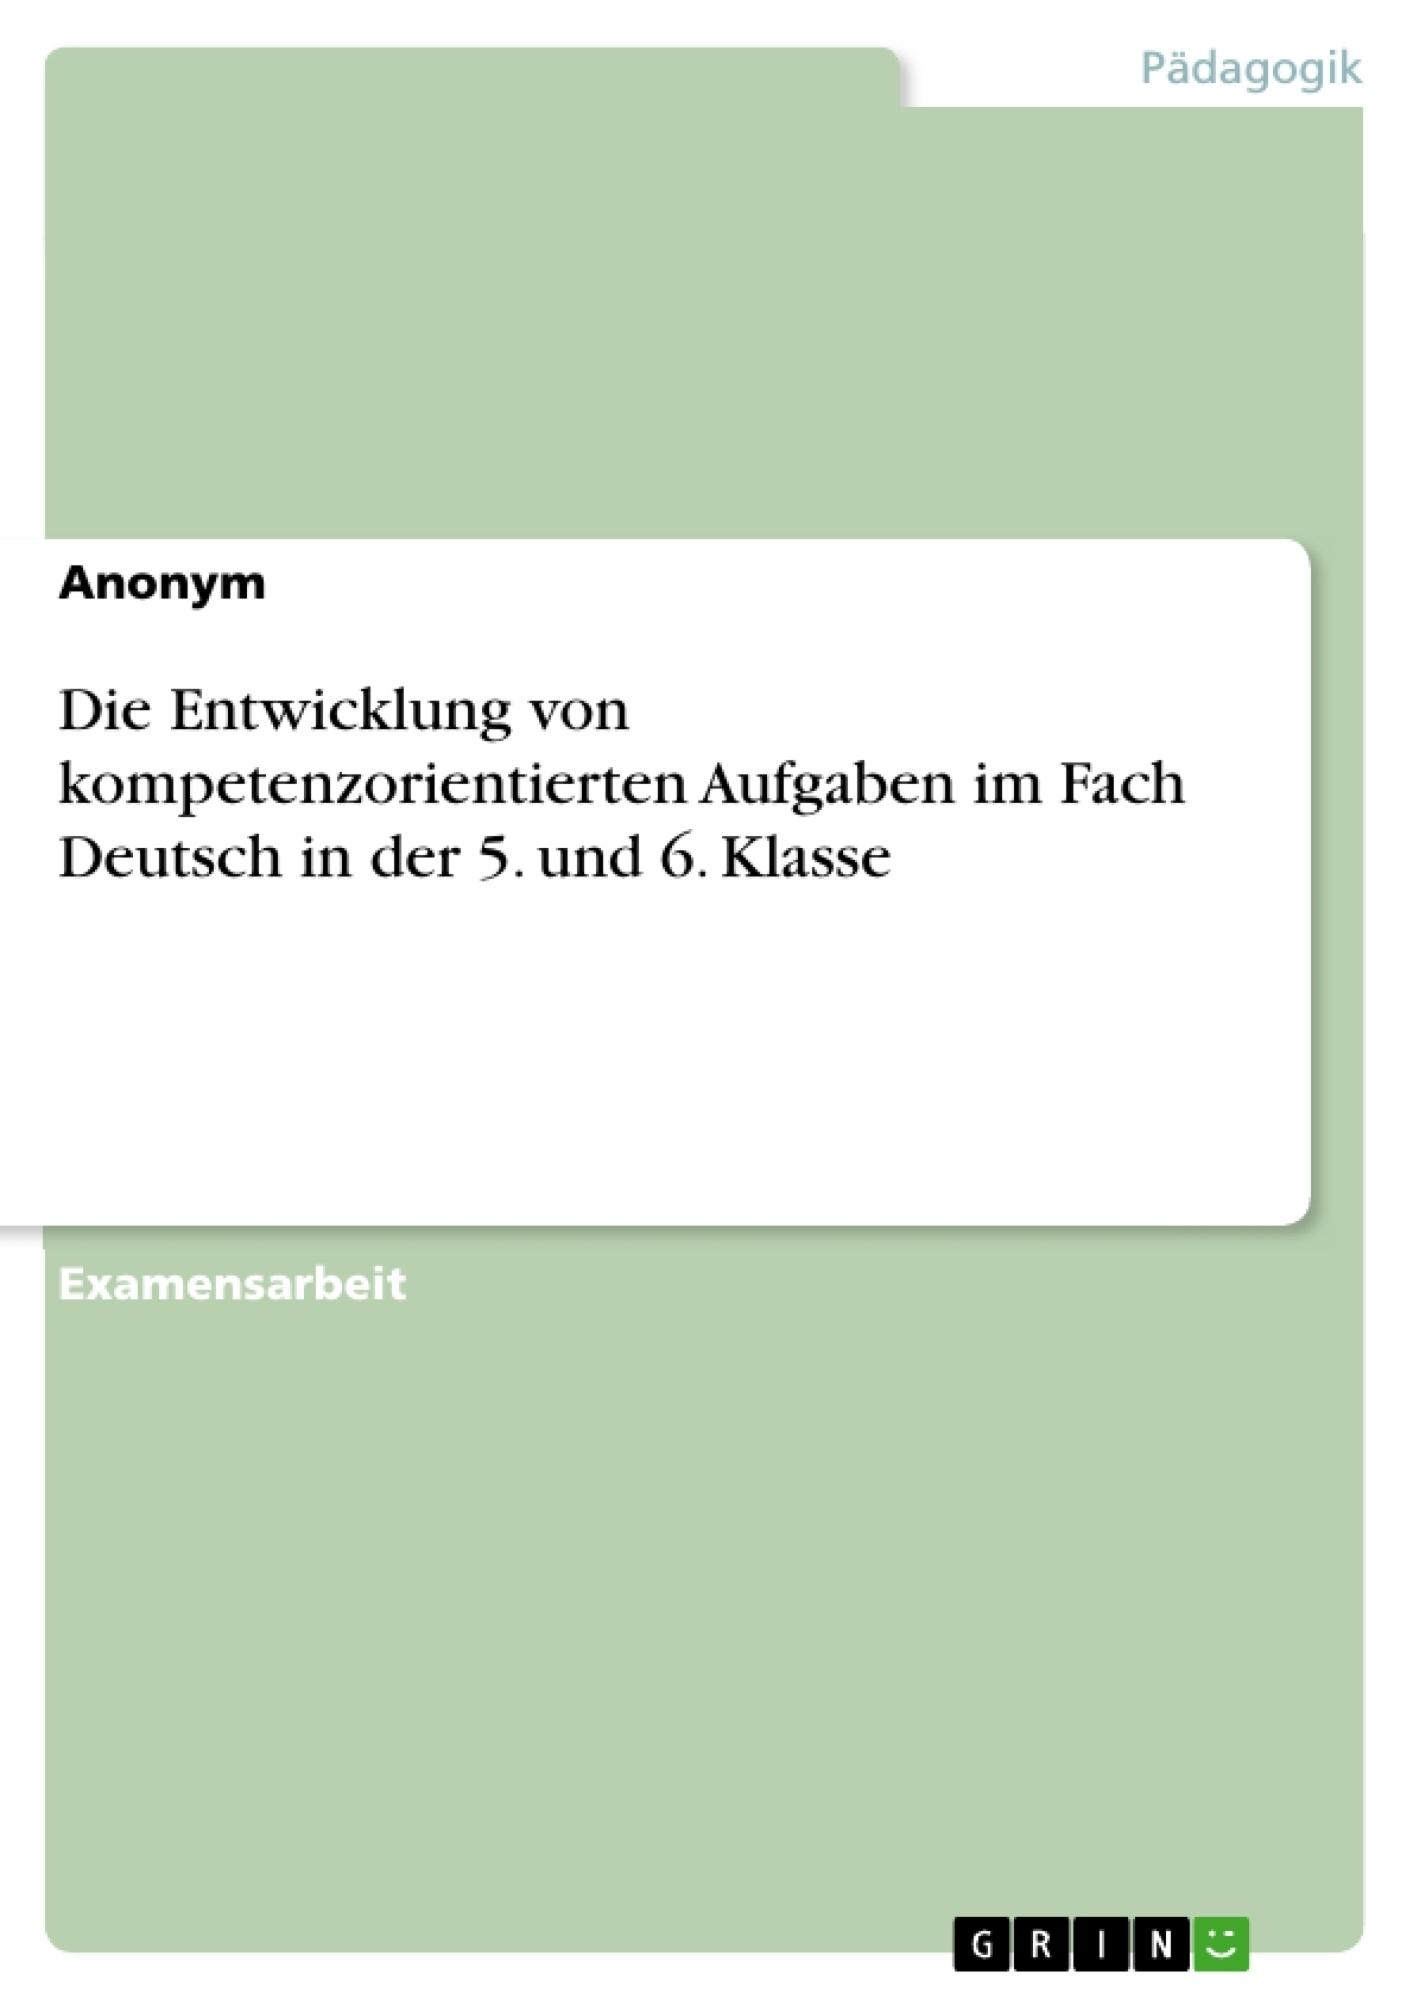 Titel: Die Entwicklung von kompetenzorientierten Aufgaben im Fach Deutsch in der 5. und 6. Klasse